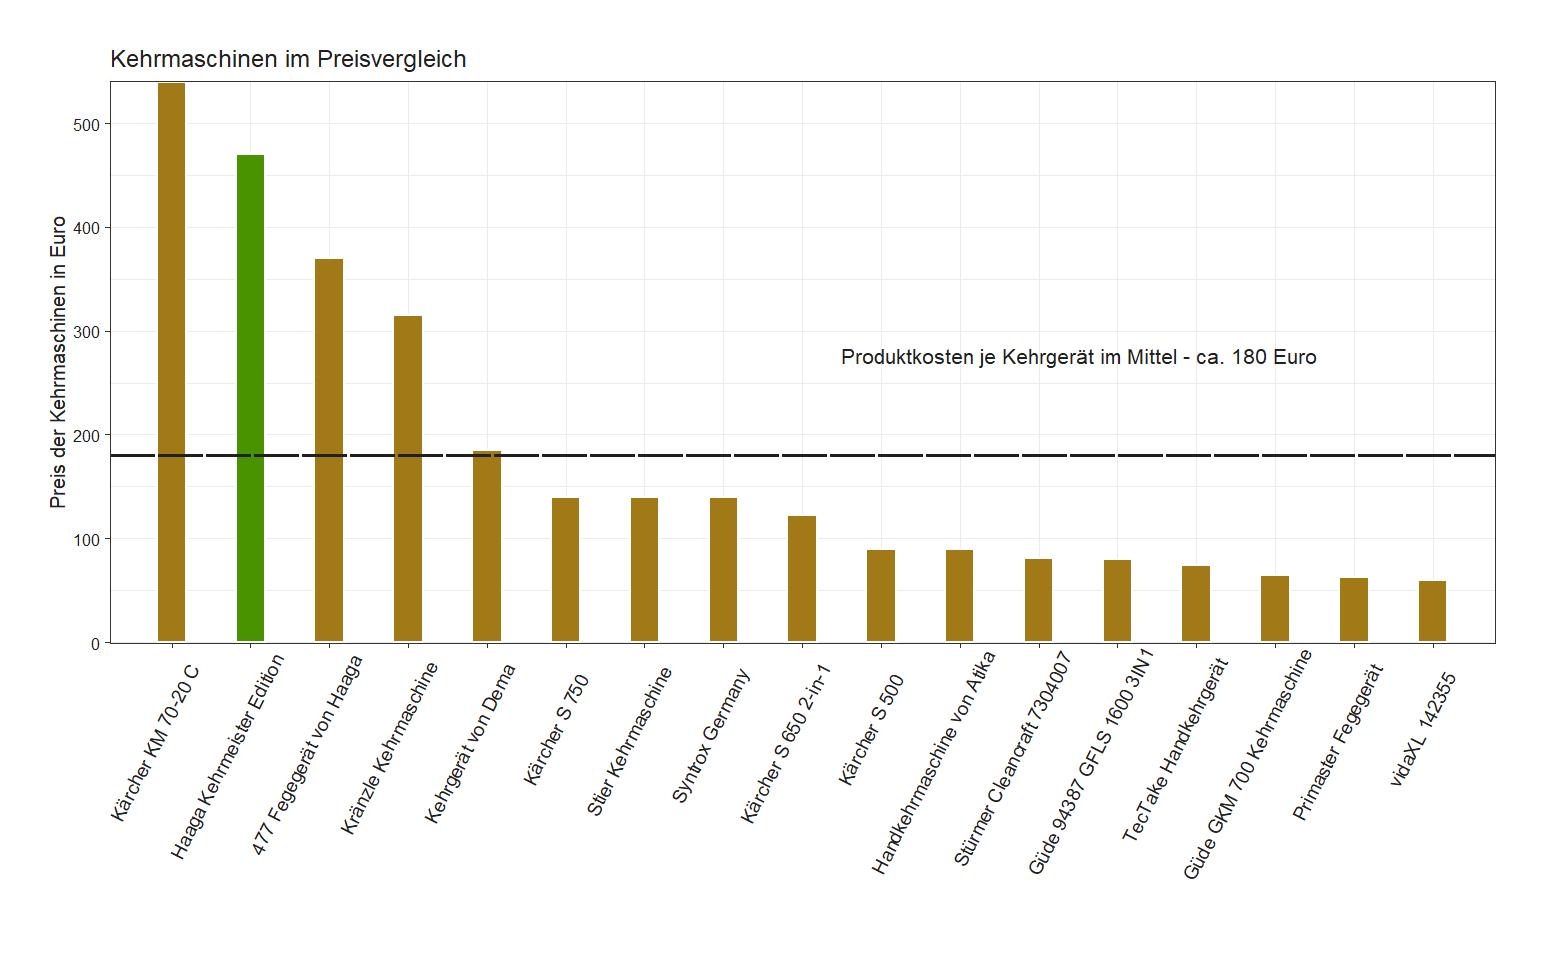 Preischeck von dem Haaga Handkehrgerät Kehrmeister-Edition